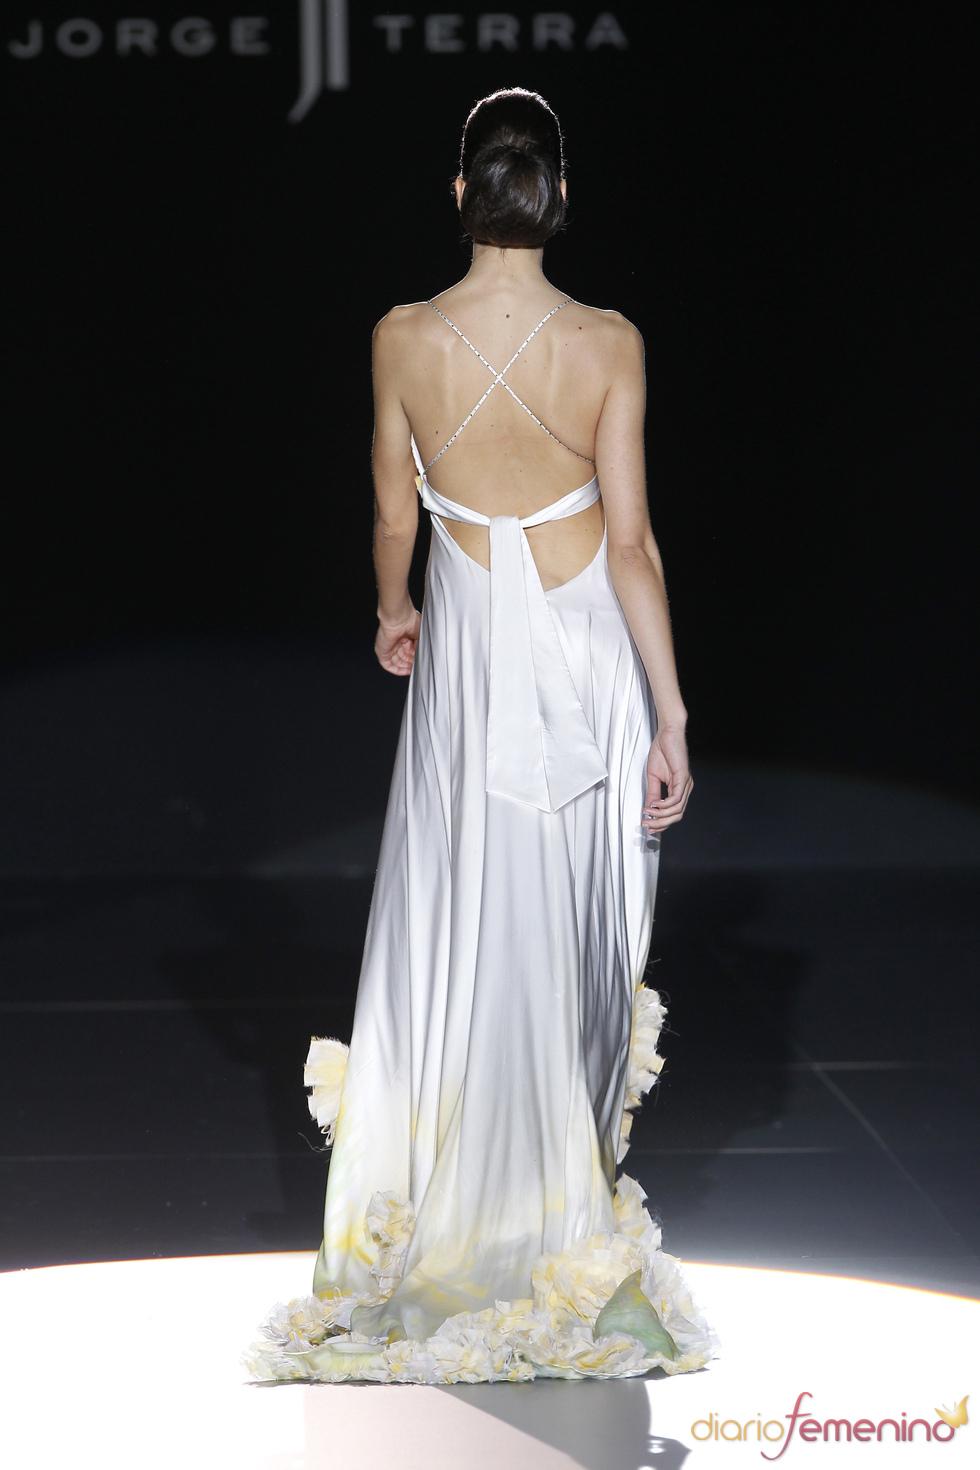 Vestido con espalda descubierta de Jorge Terra